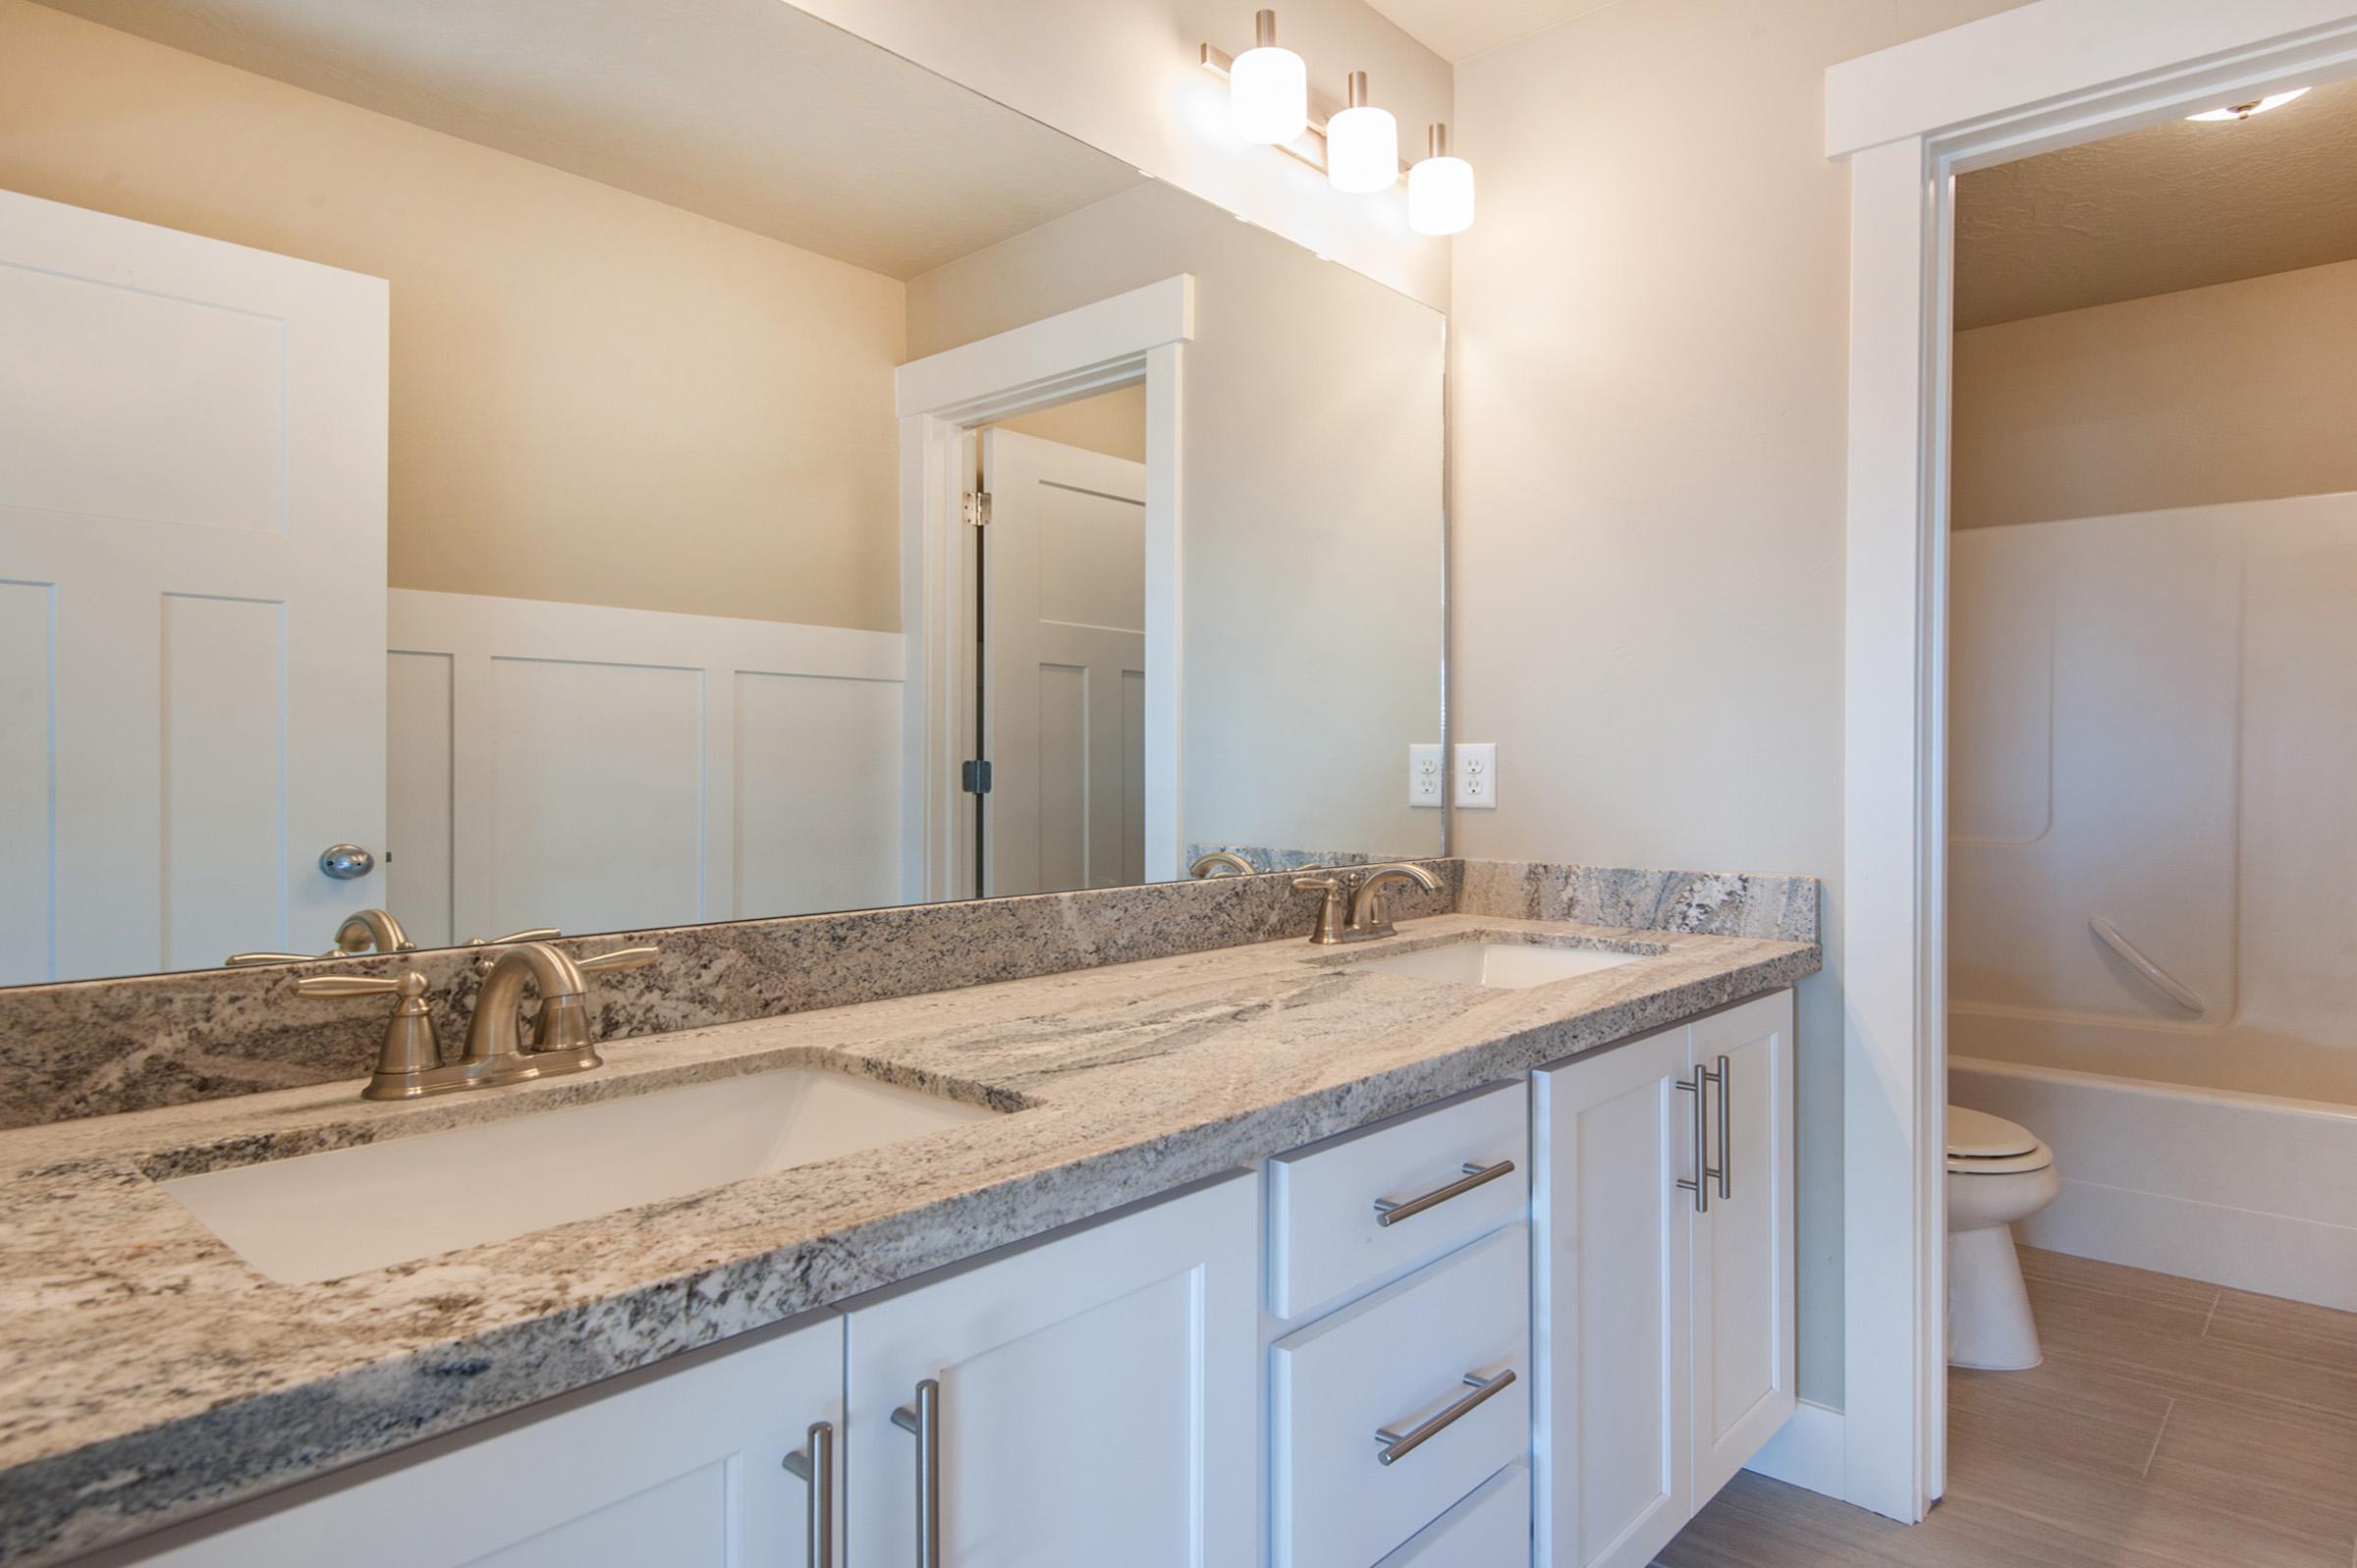 Backsplash for off white cabinets